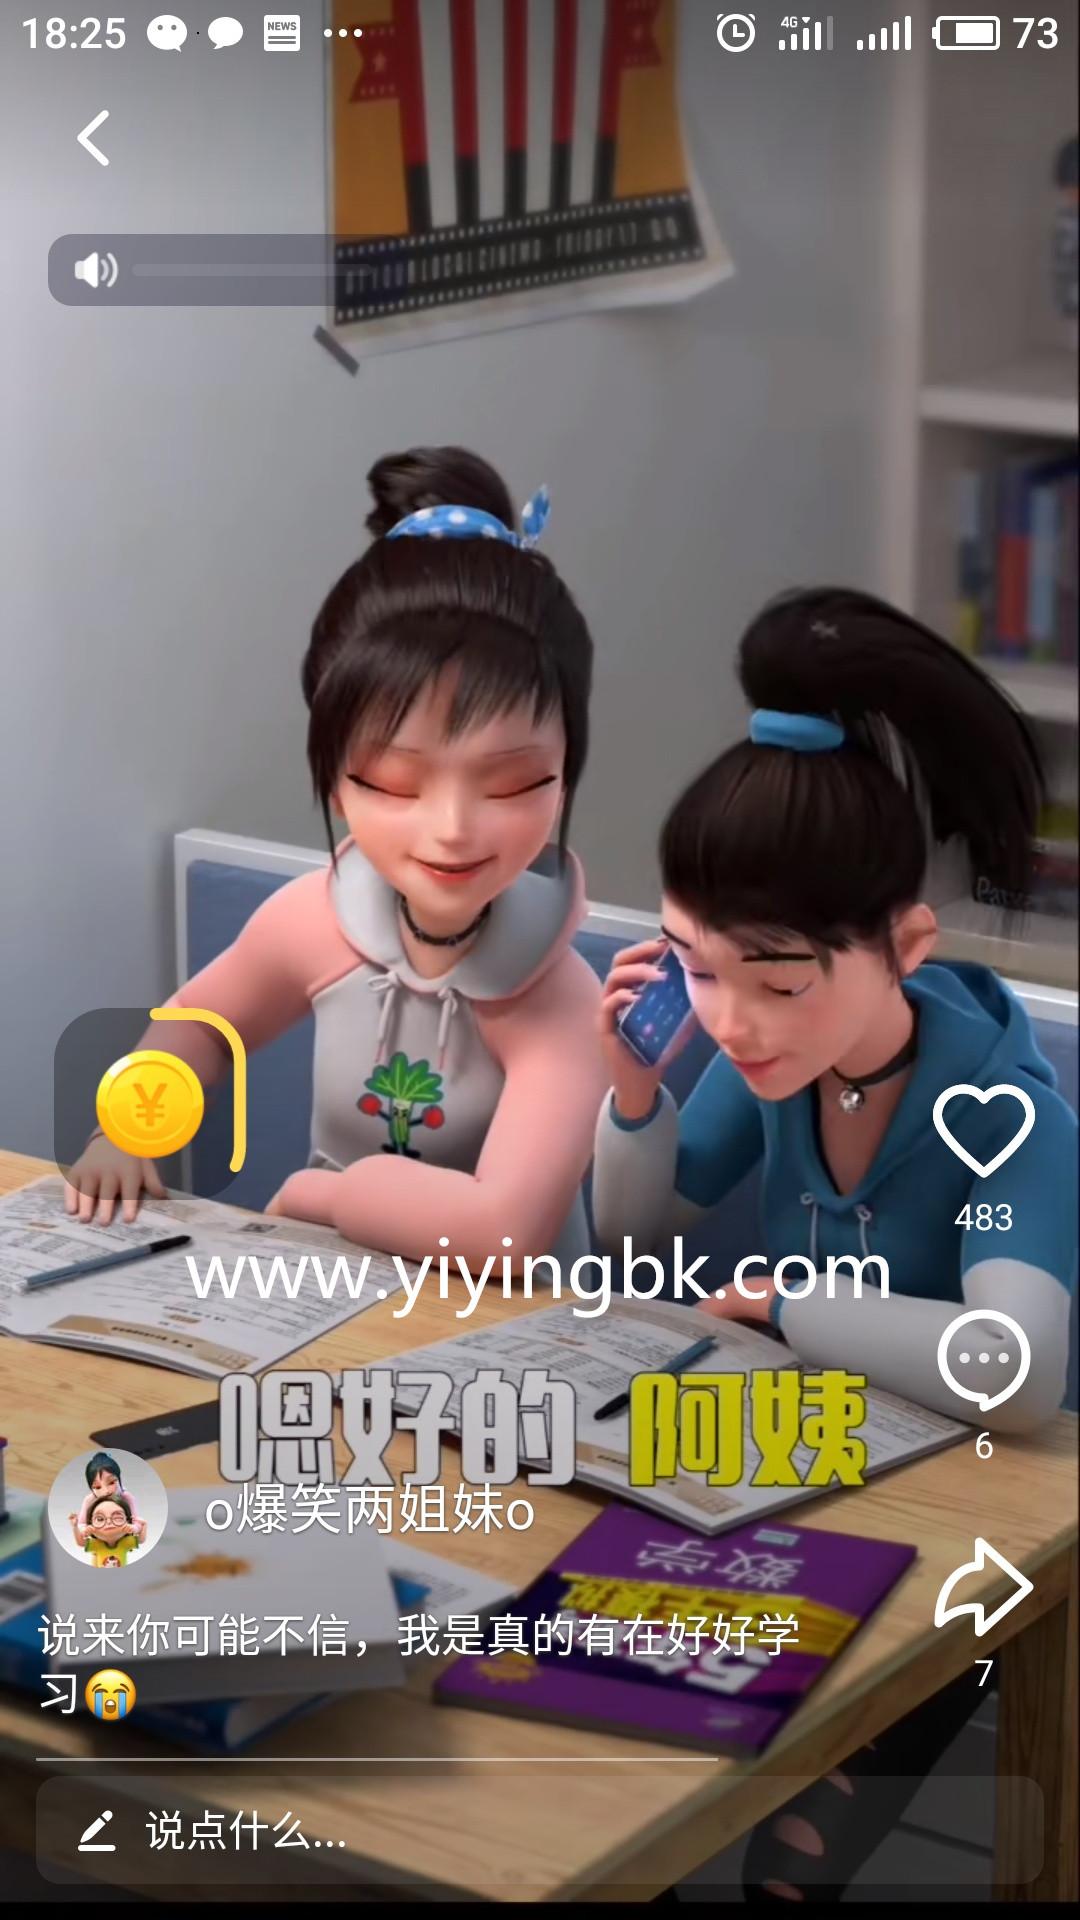 千万家长推荐的适合孩子们看的视频APP,还能领红包赚零花钱提现微信和支付宝!